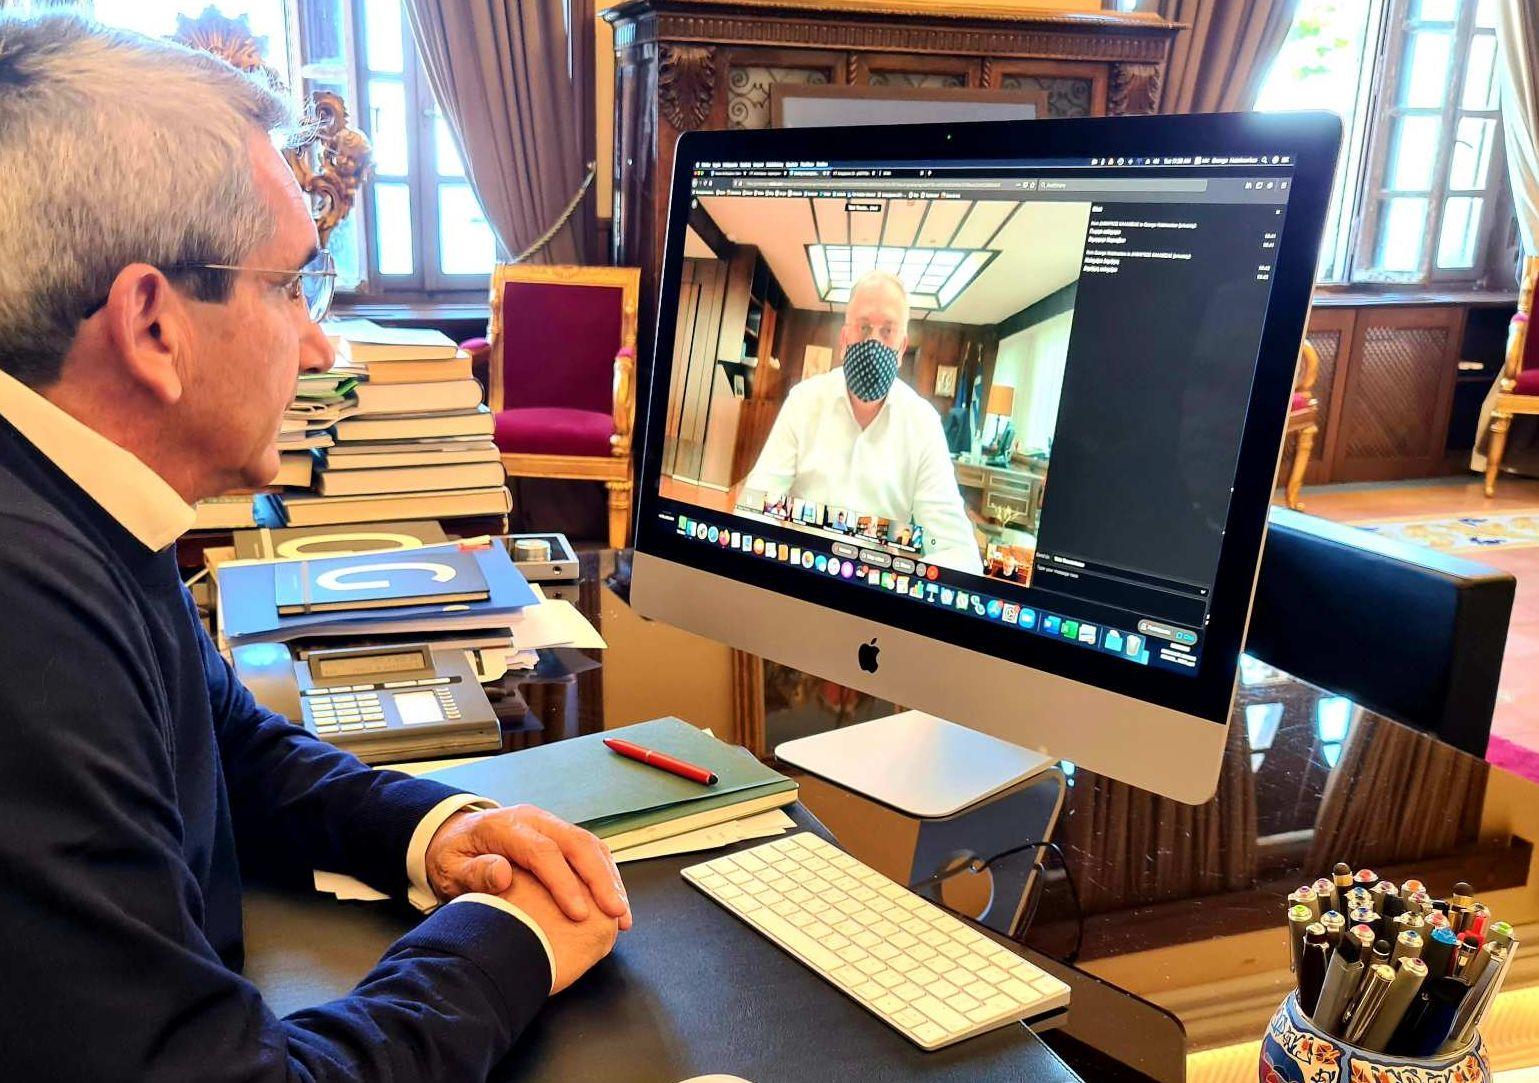 Σε τηλεδιάσκεψη  υπό τον Υπουργό Εσωτερικών, ο Περιφερειάρχης